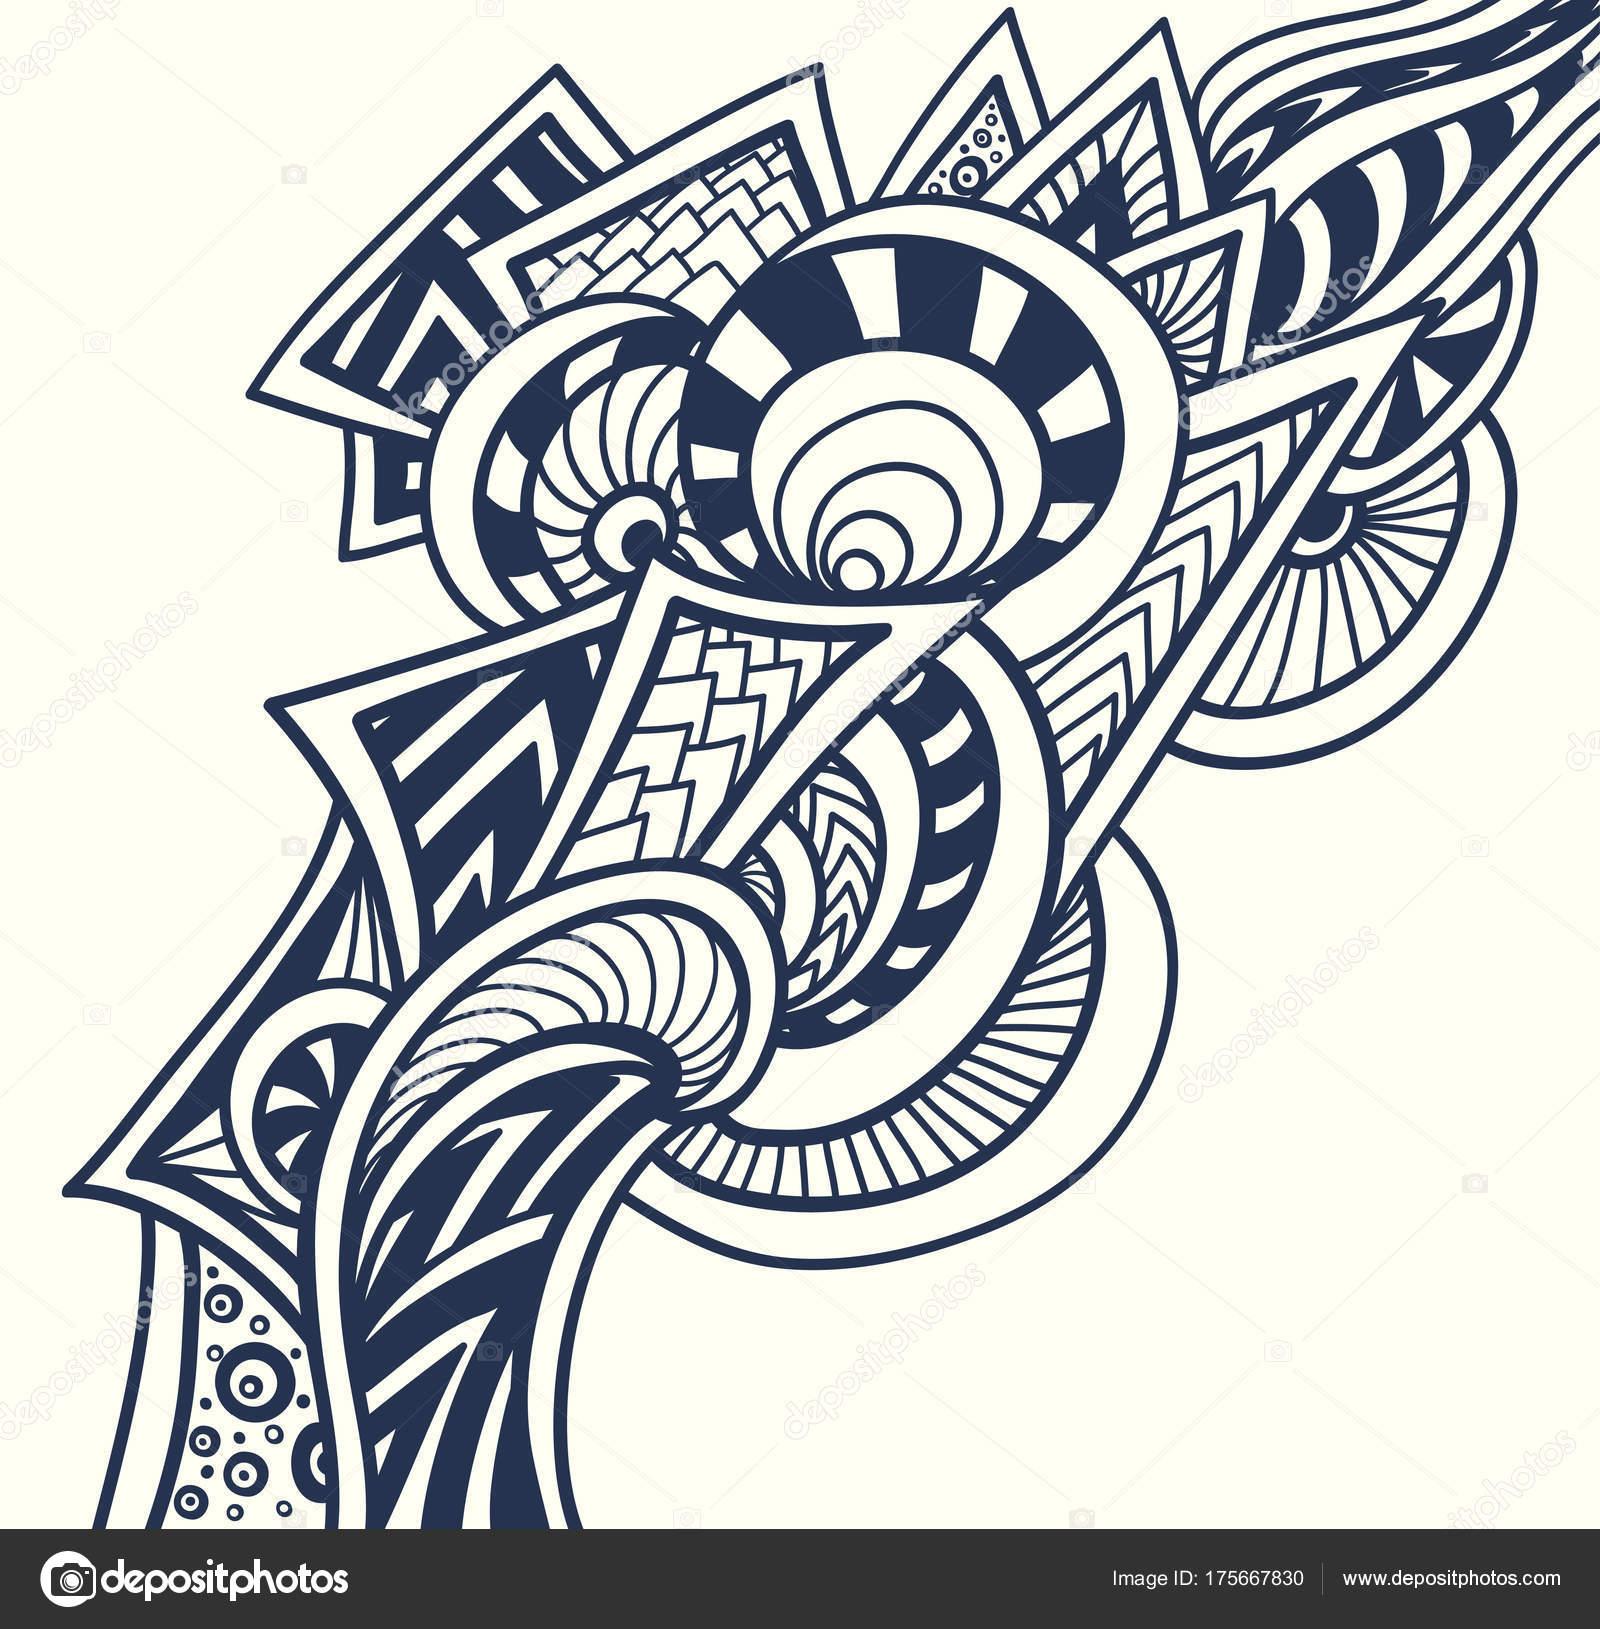 Resumen Elemento Decorativo Estilo Zentangle Zendoodle Negro Sobre ...